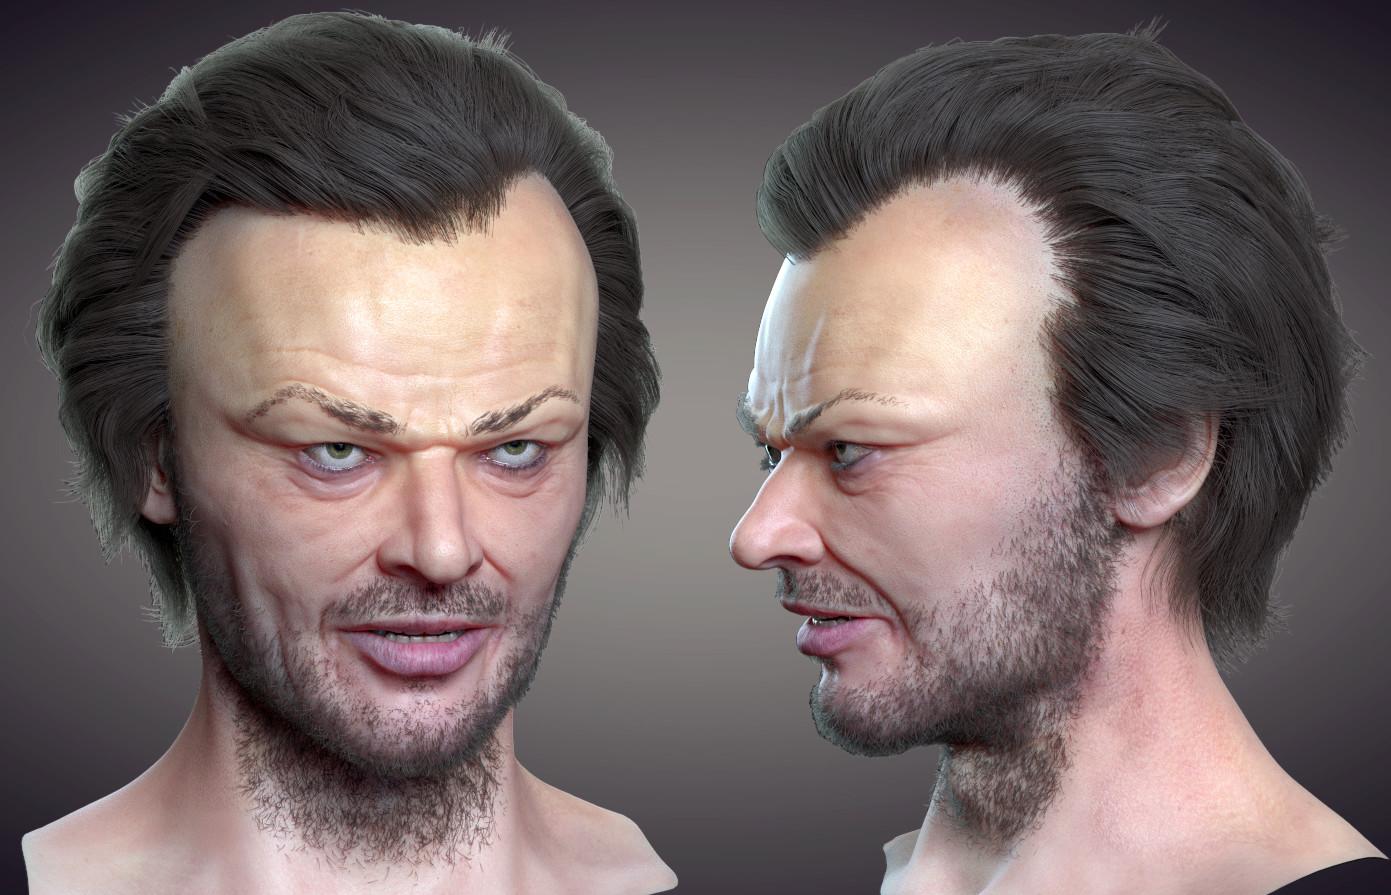 Alexander samsonov jn 30